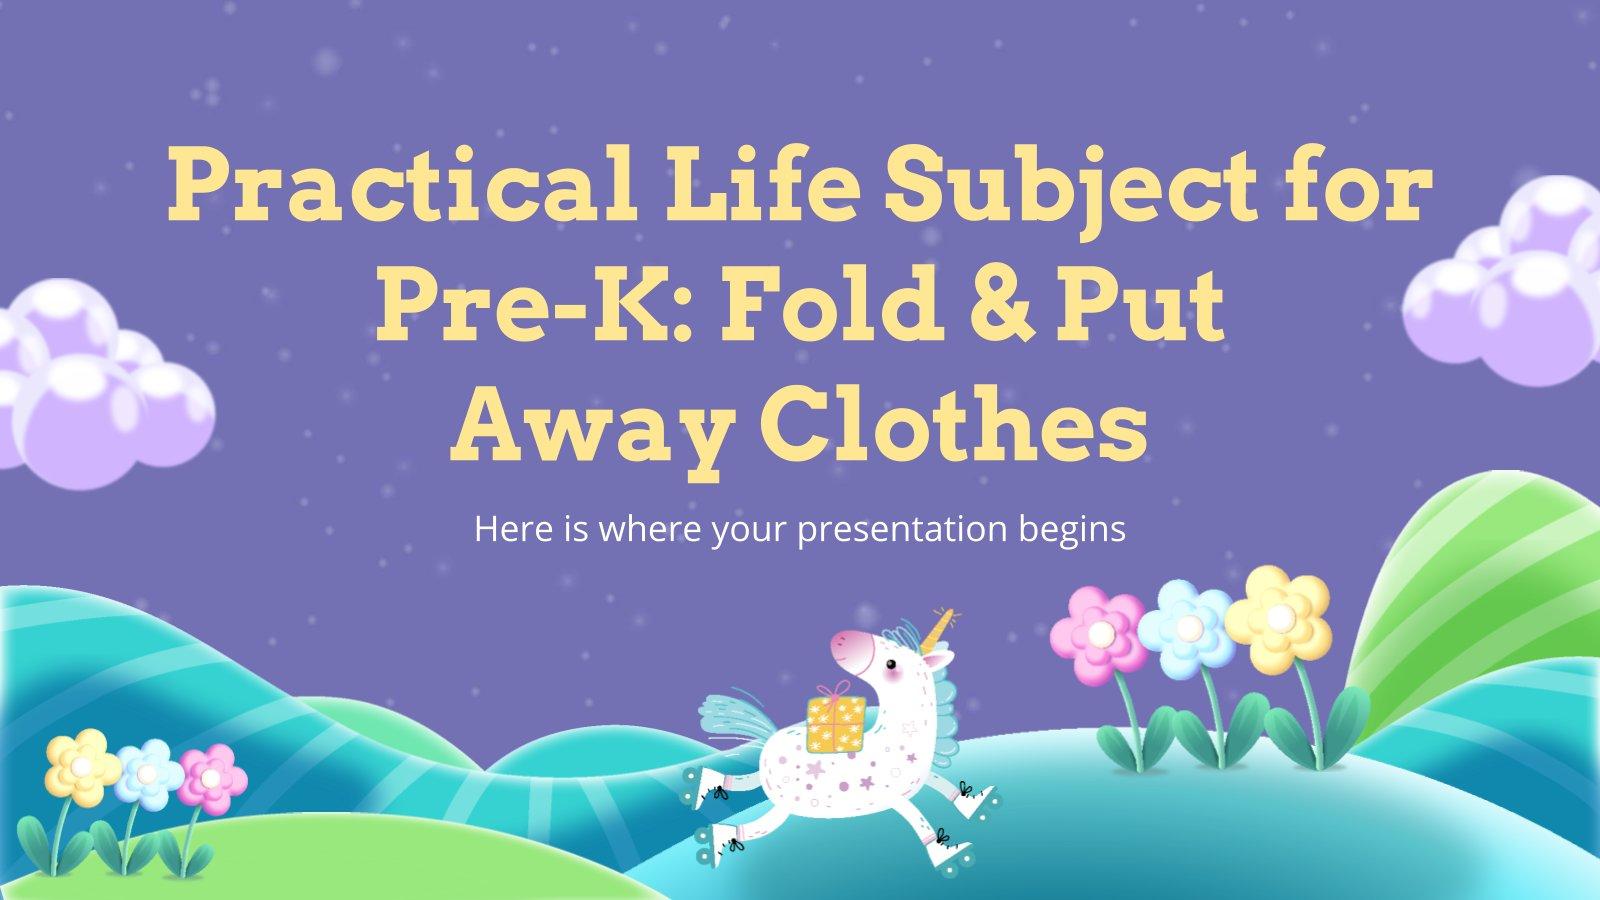 Vie pratique : Plier et ranger les vêtements : Modèles de présentation